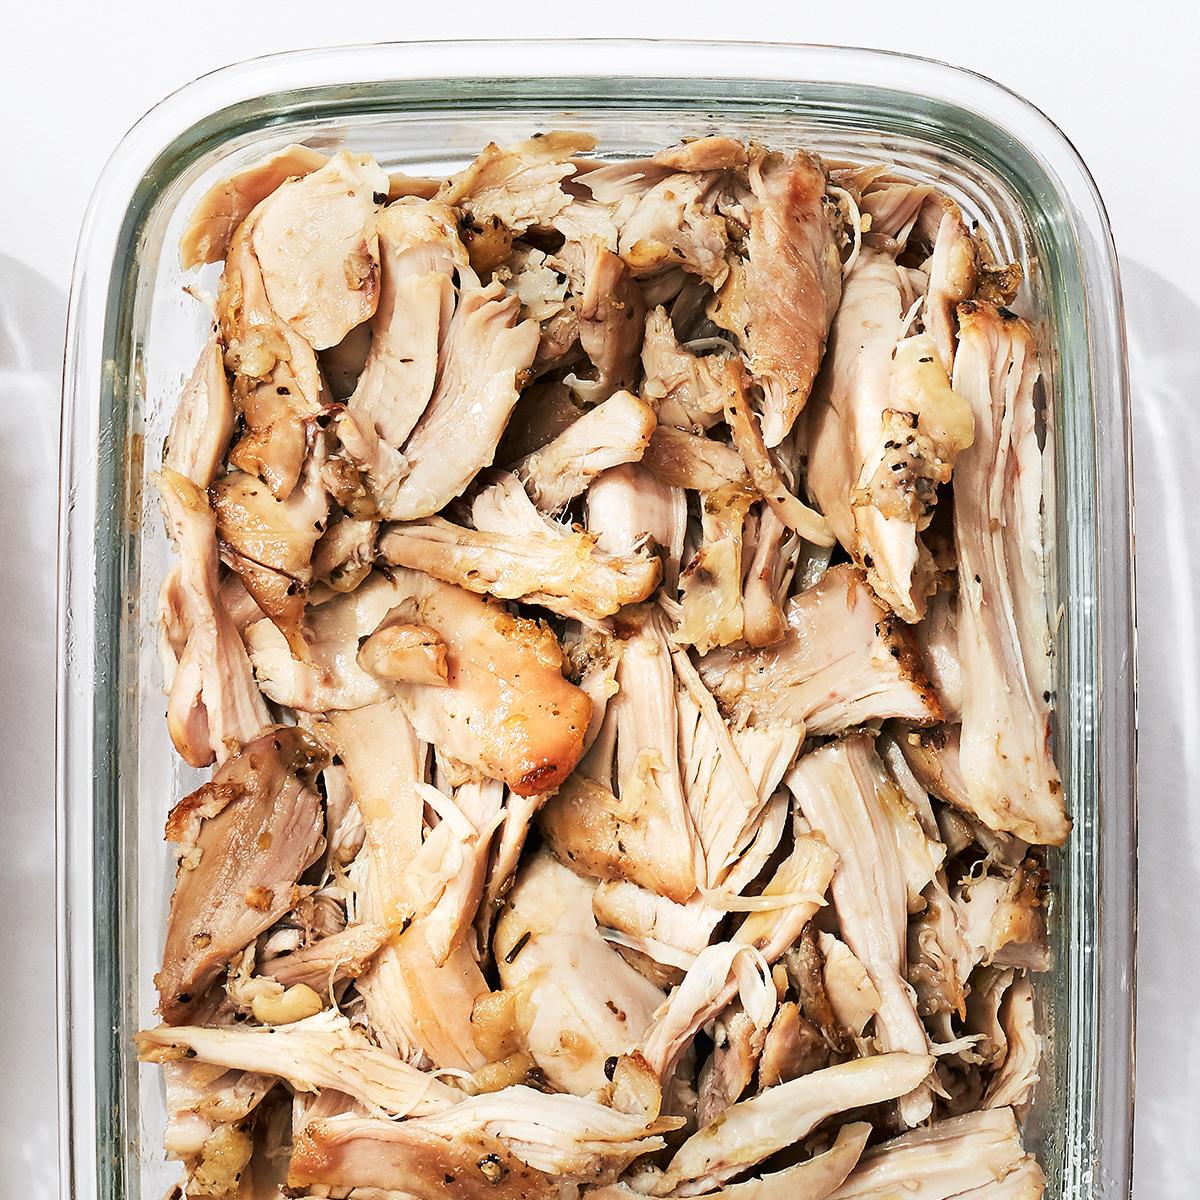 Garlic & Coriander Roasted Chicken Thighs